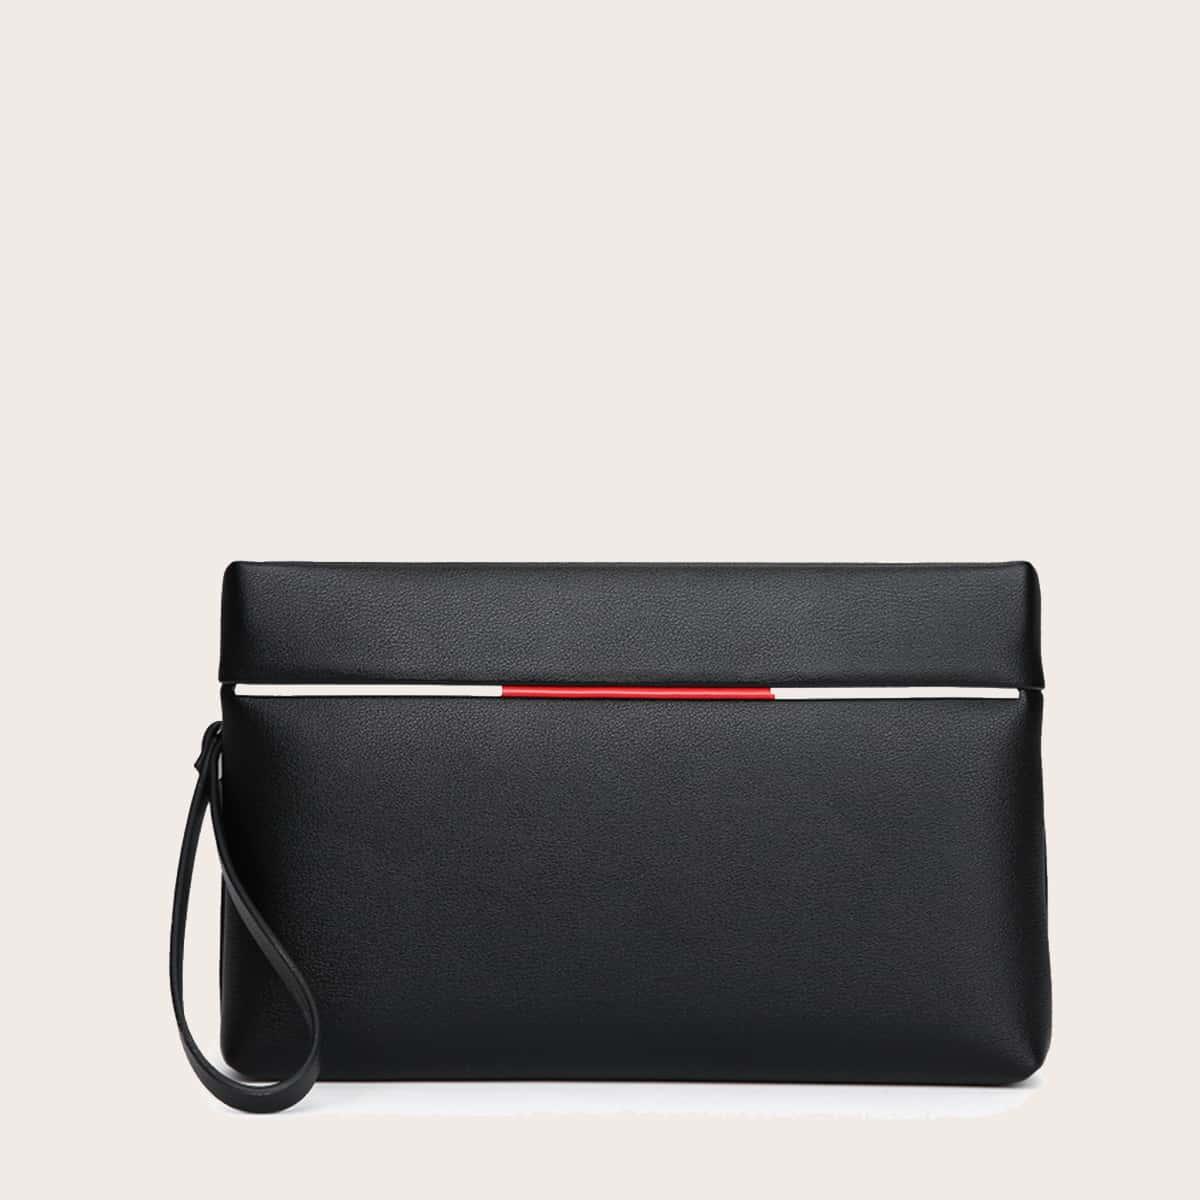 Мужская сумка-клатч с металлическим декором от SHEIN